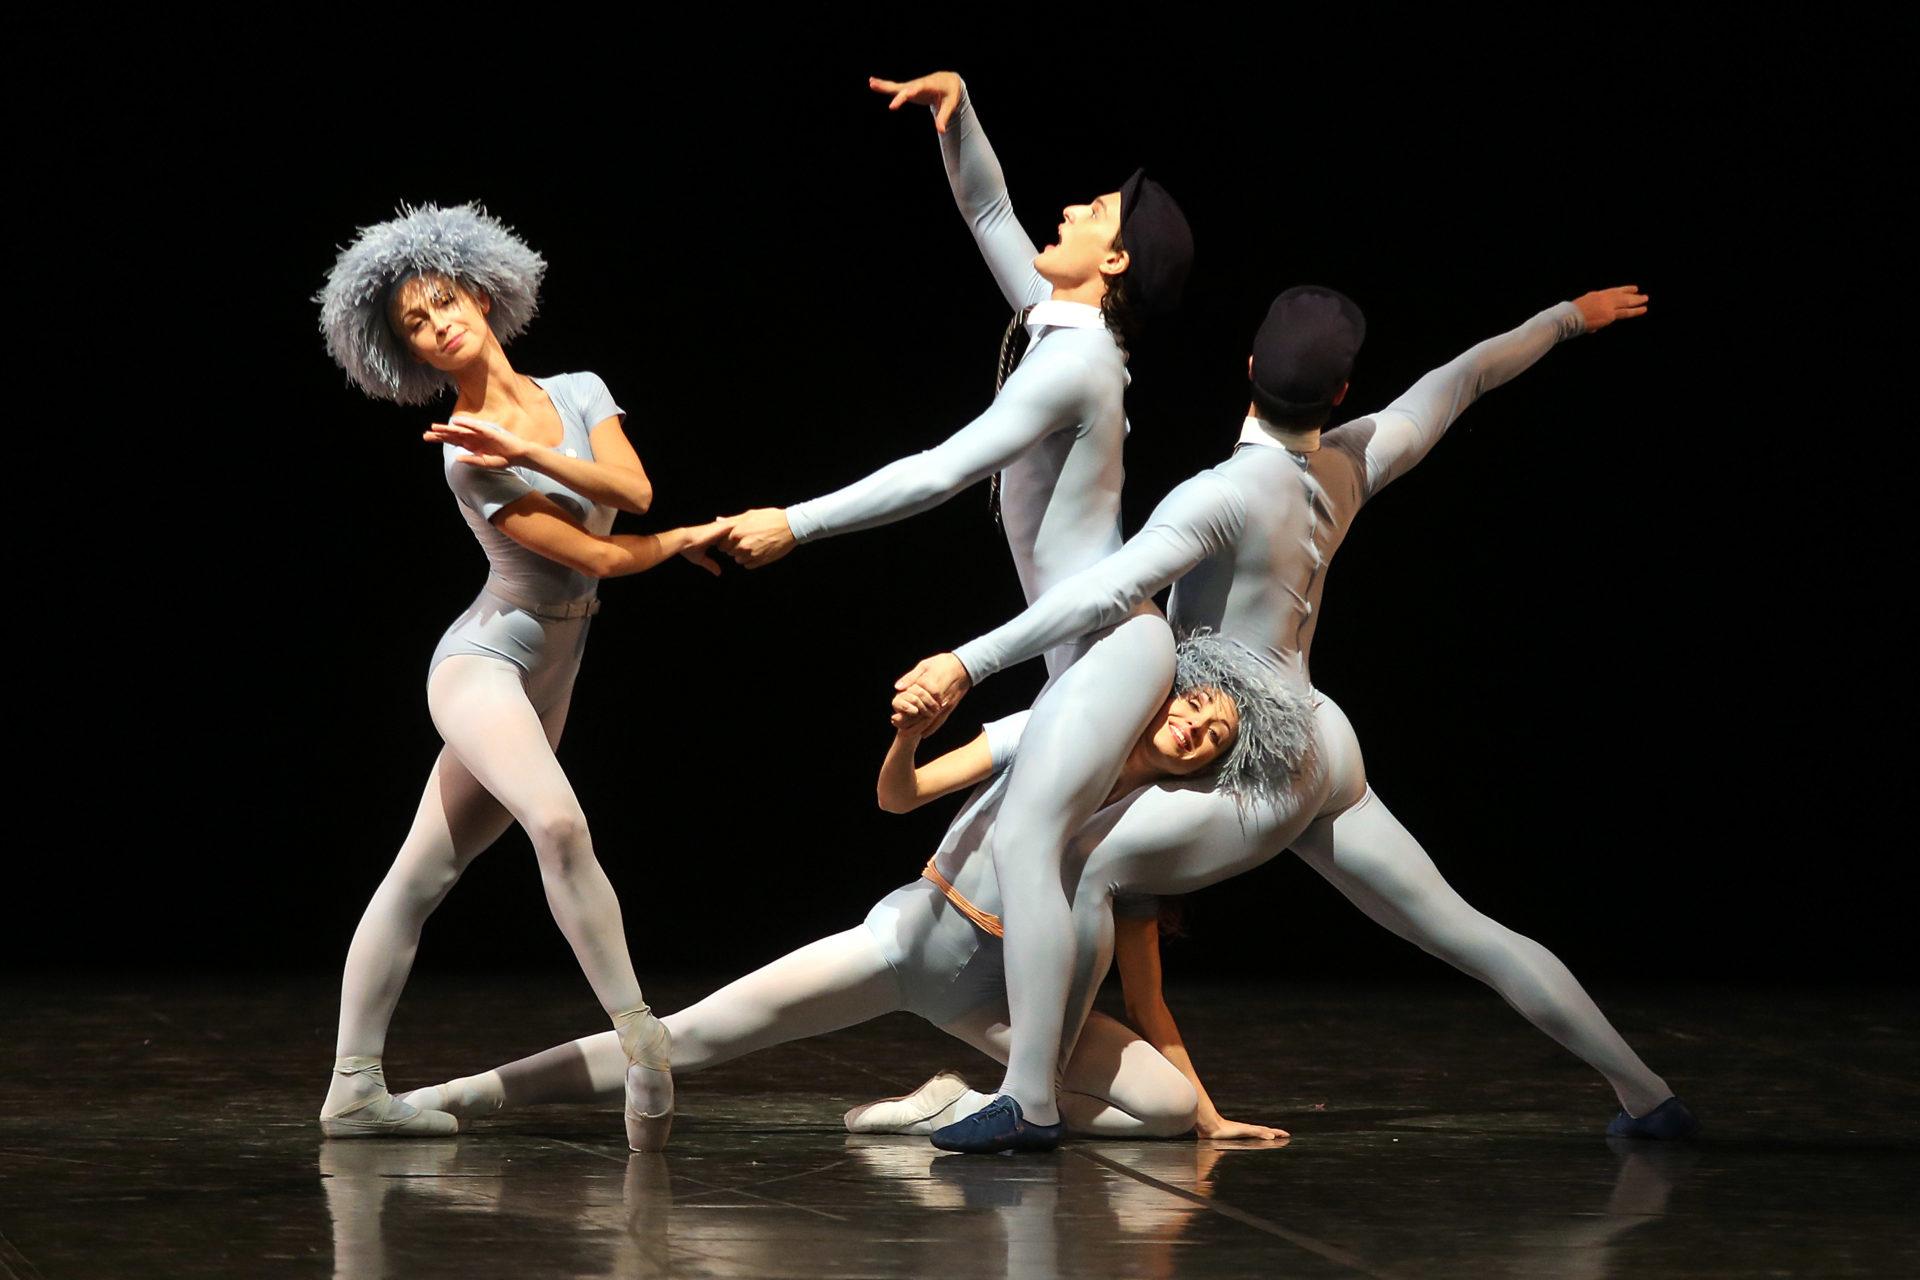 Chopin_Dances_HH_Ballett_Foto_AnjaBeutler.de_394